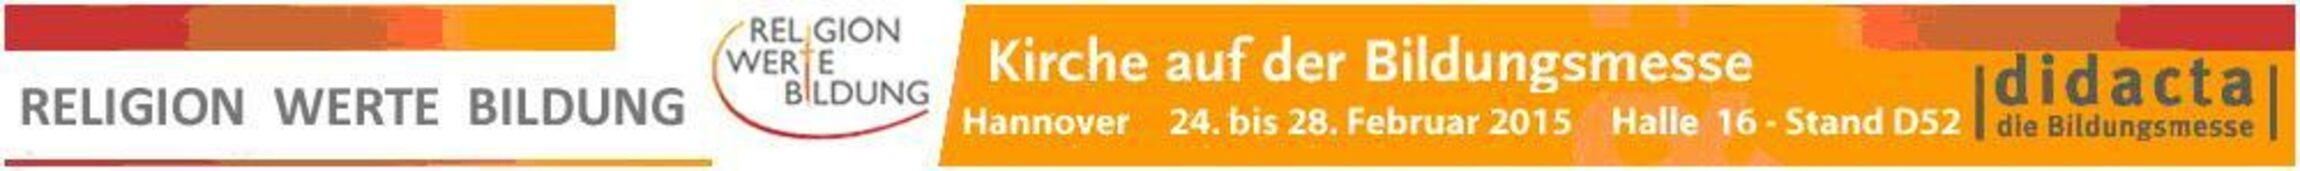 didacta kirche auf der bildungsmesse logo